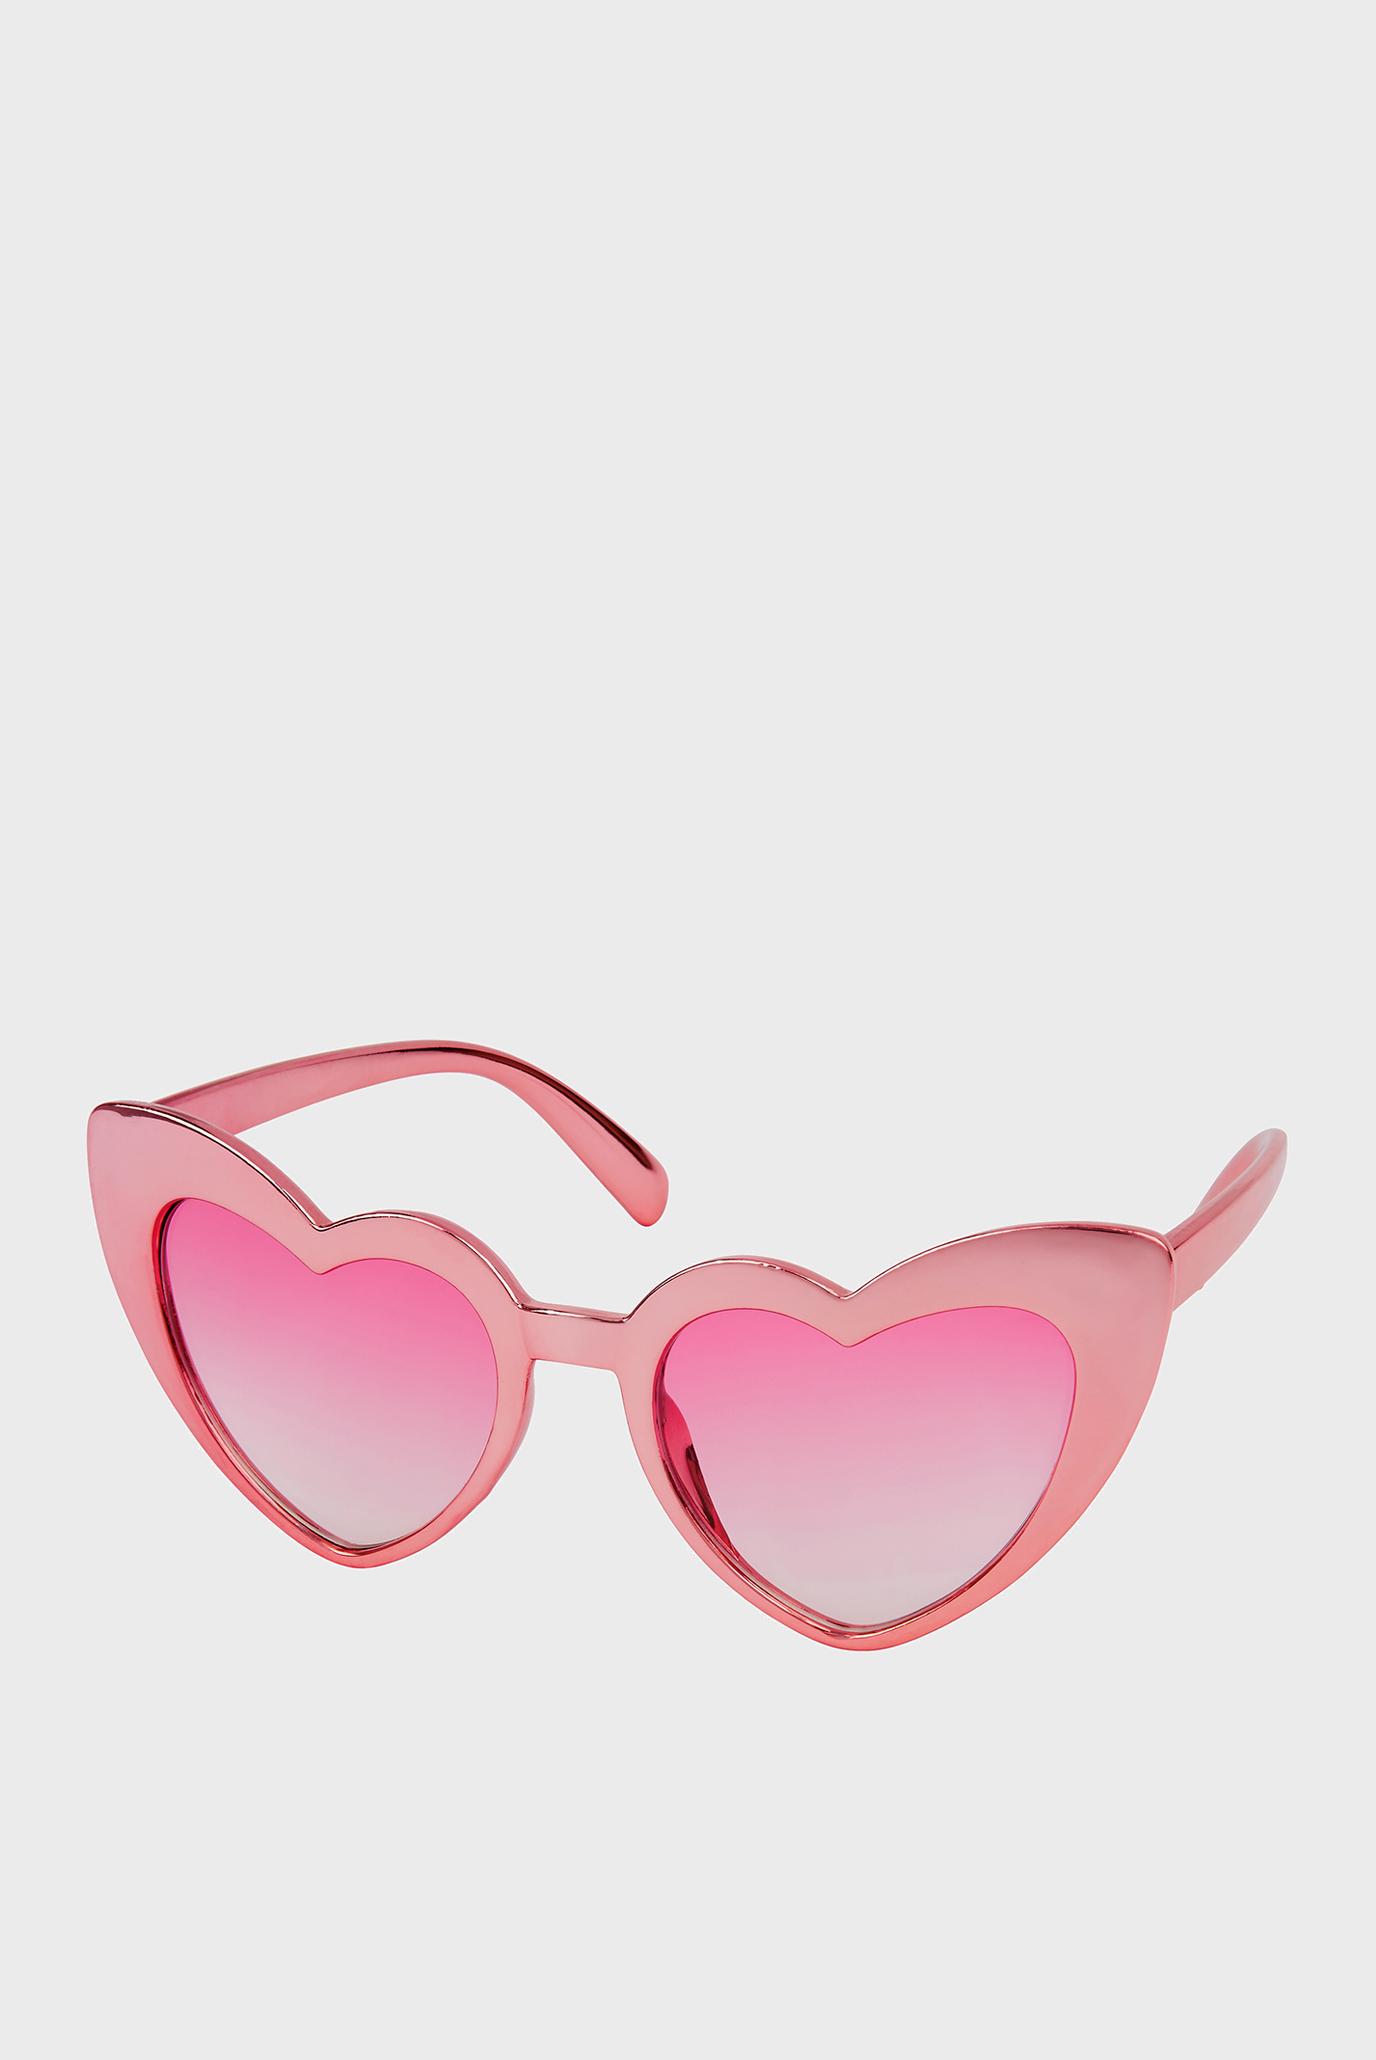 Дитячі рожеві сонцезахисні окуляри RETRO HEART SUNGLASS 1